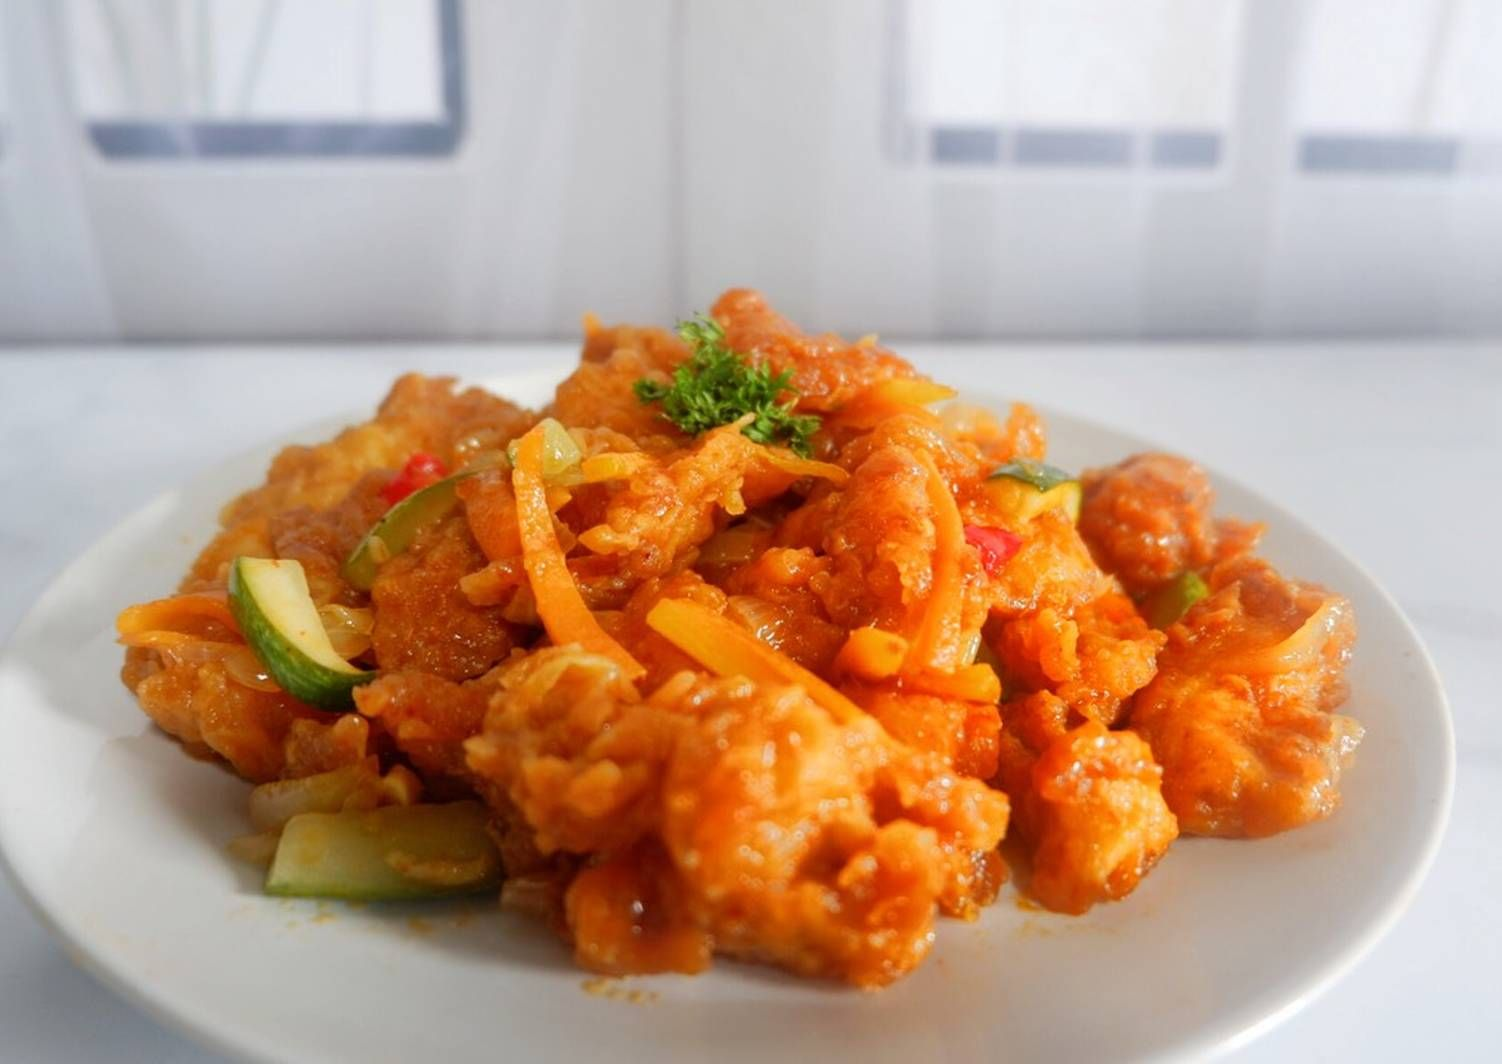 Club Masak Resep Ikan Dori Saus Asam Manis Sajian Ini Menggunakan Ikan Fillet Dari Daging Ikan Dori Sajian Ini Juga Sangat Praktis B Resep Ikan Resep Masakan